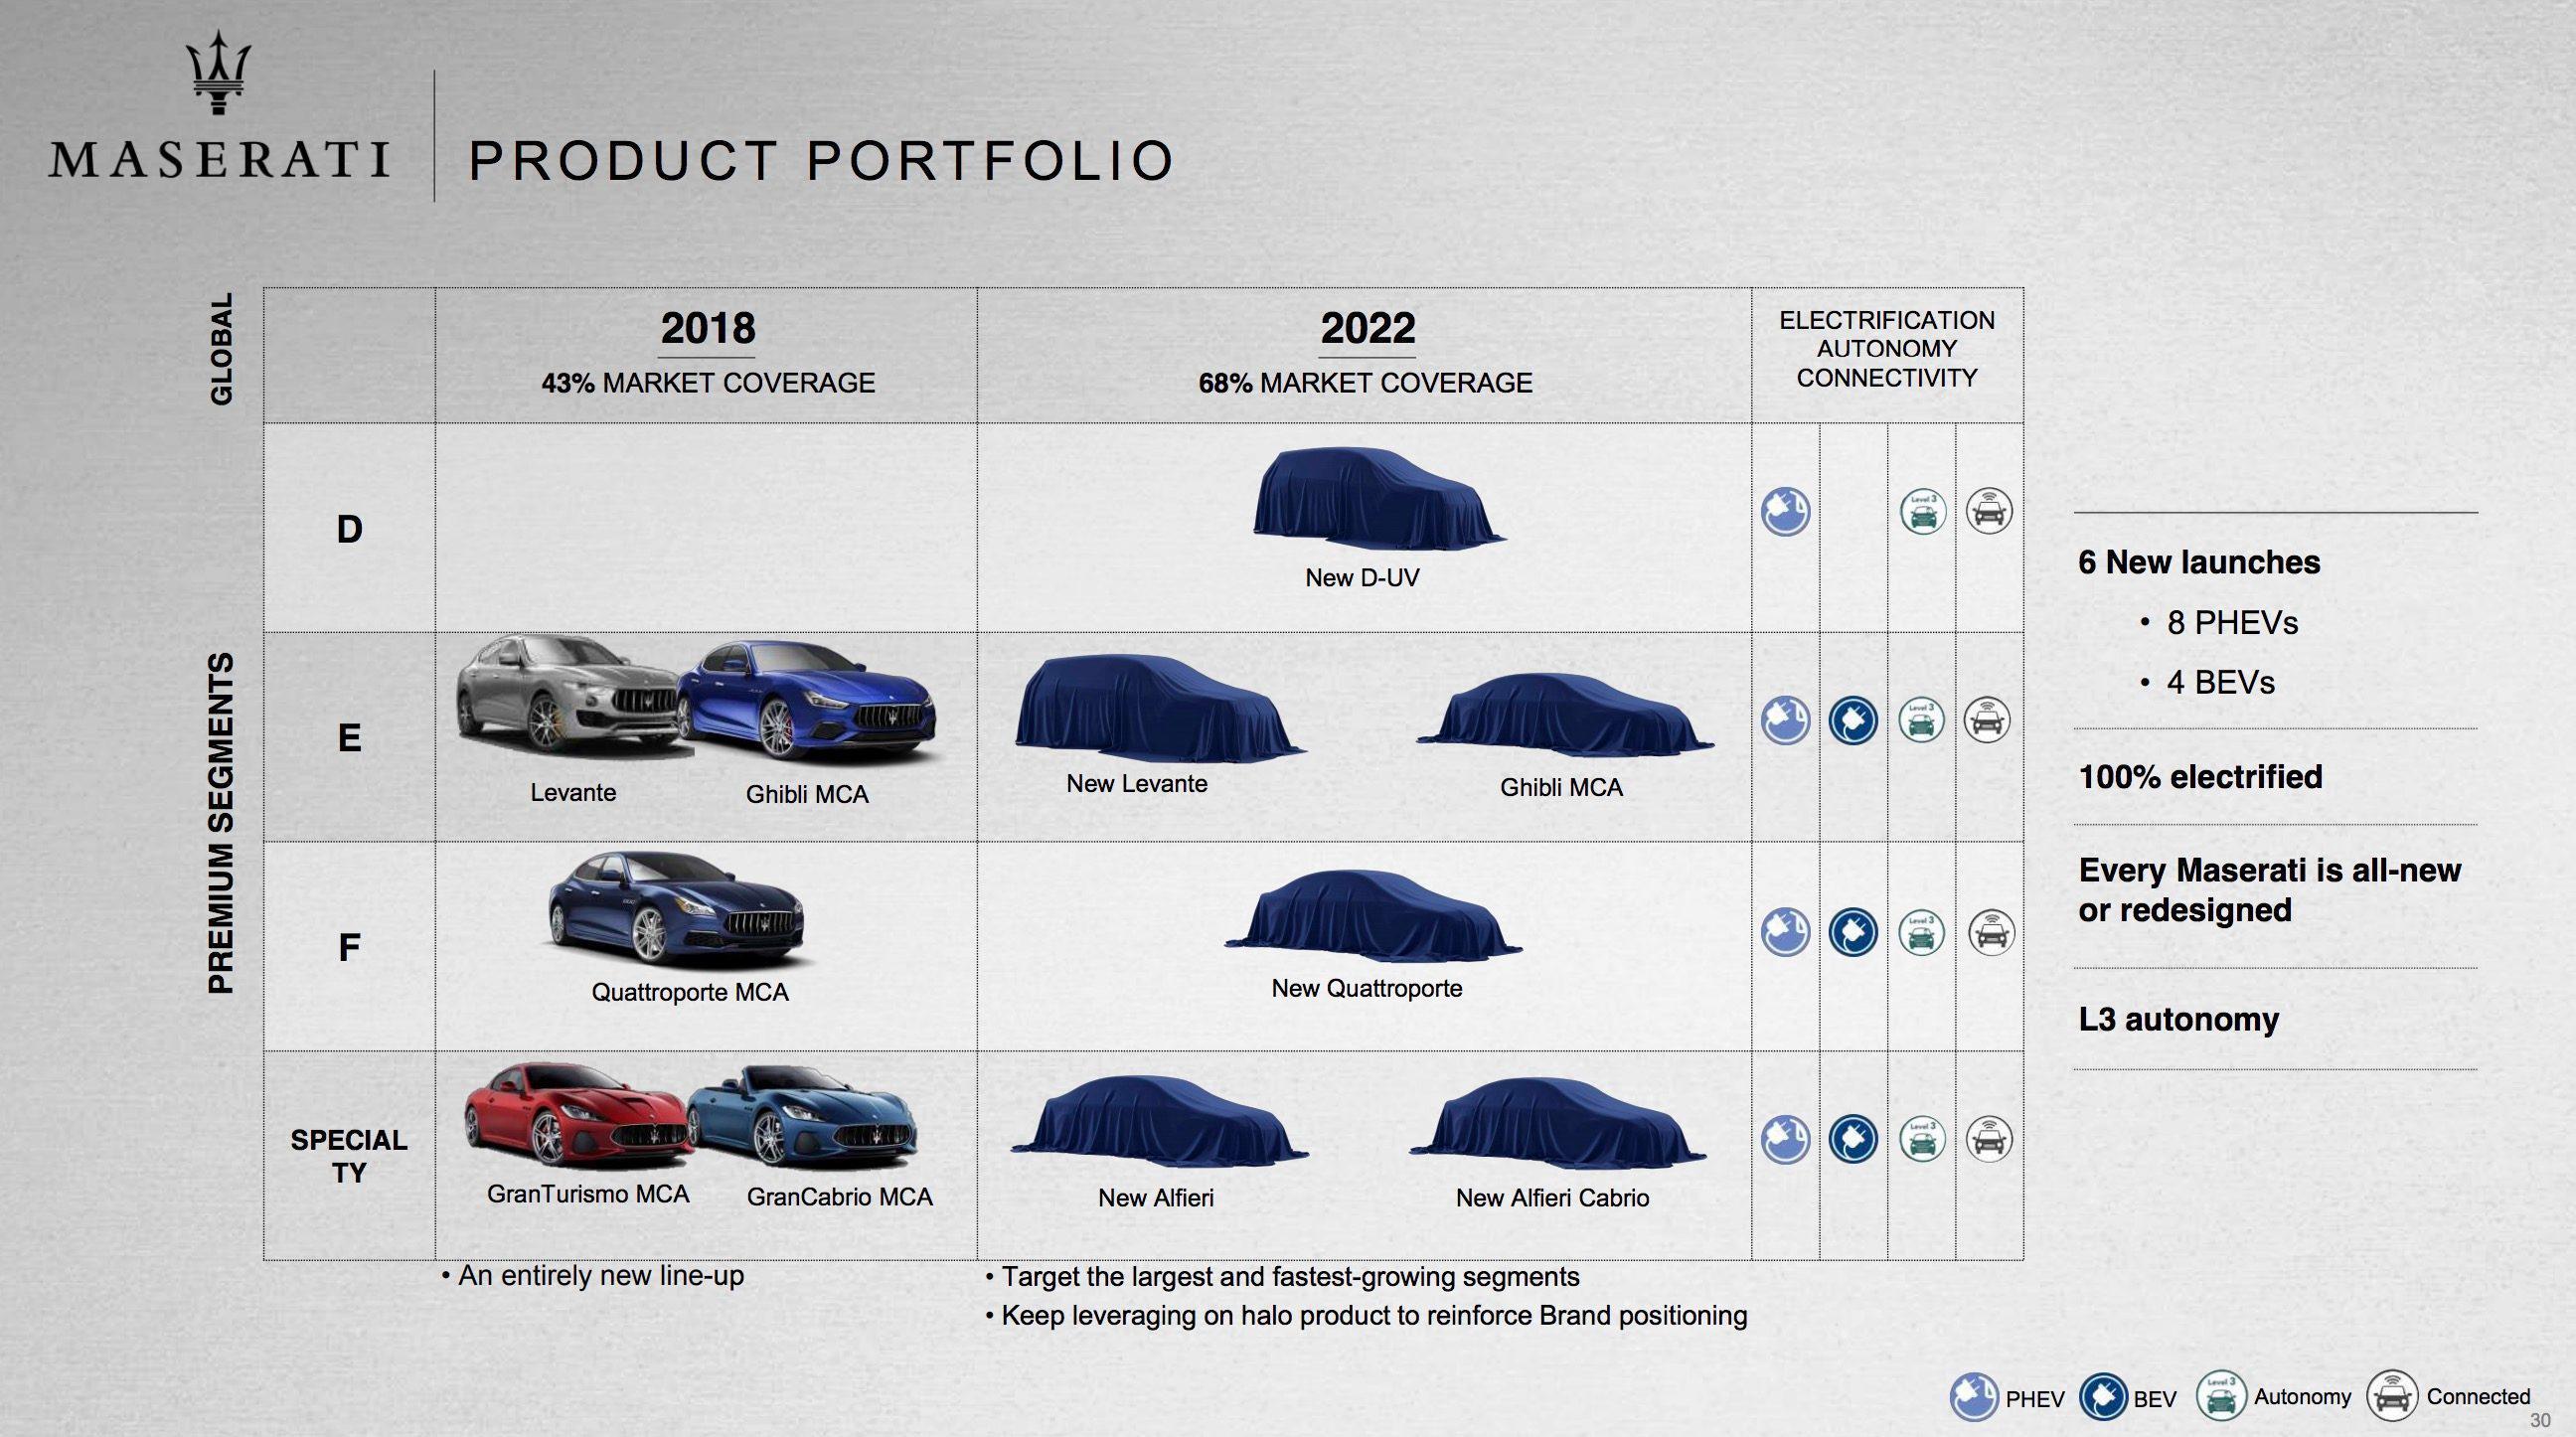 追赶特斯拉 FCA旗下豪华品牌将加大电动车型投入